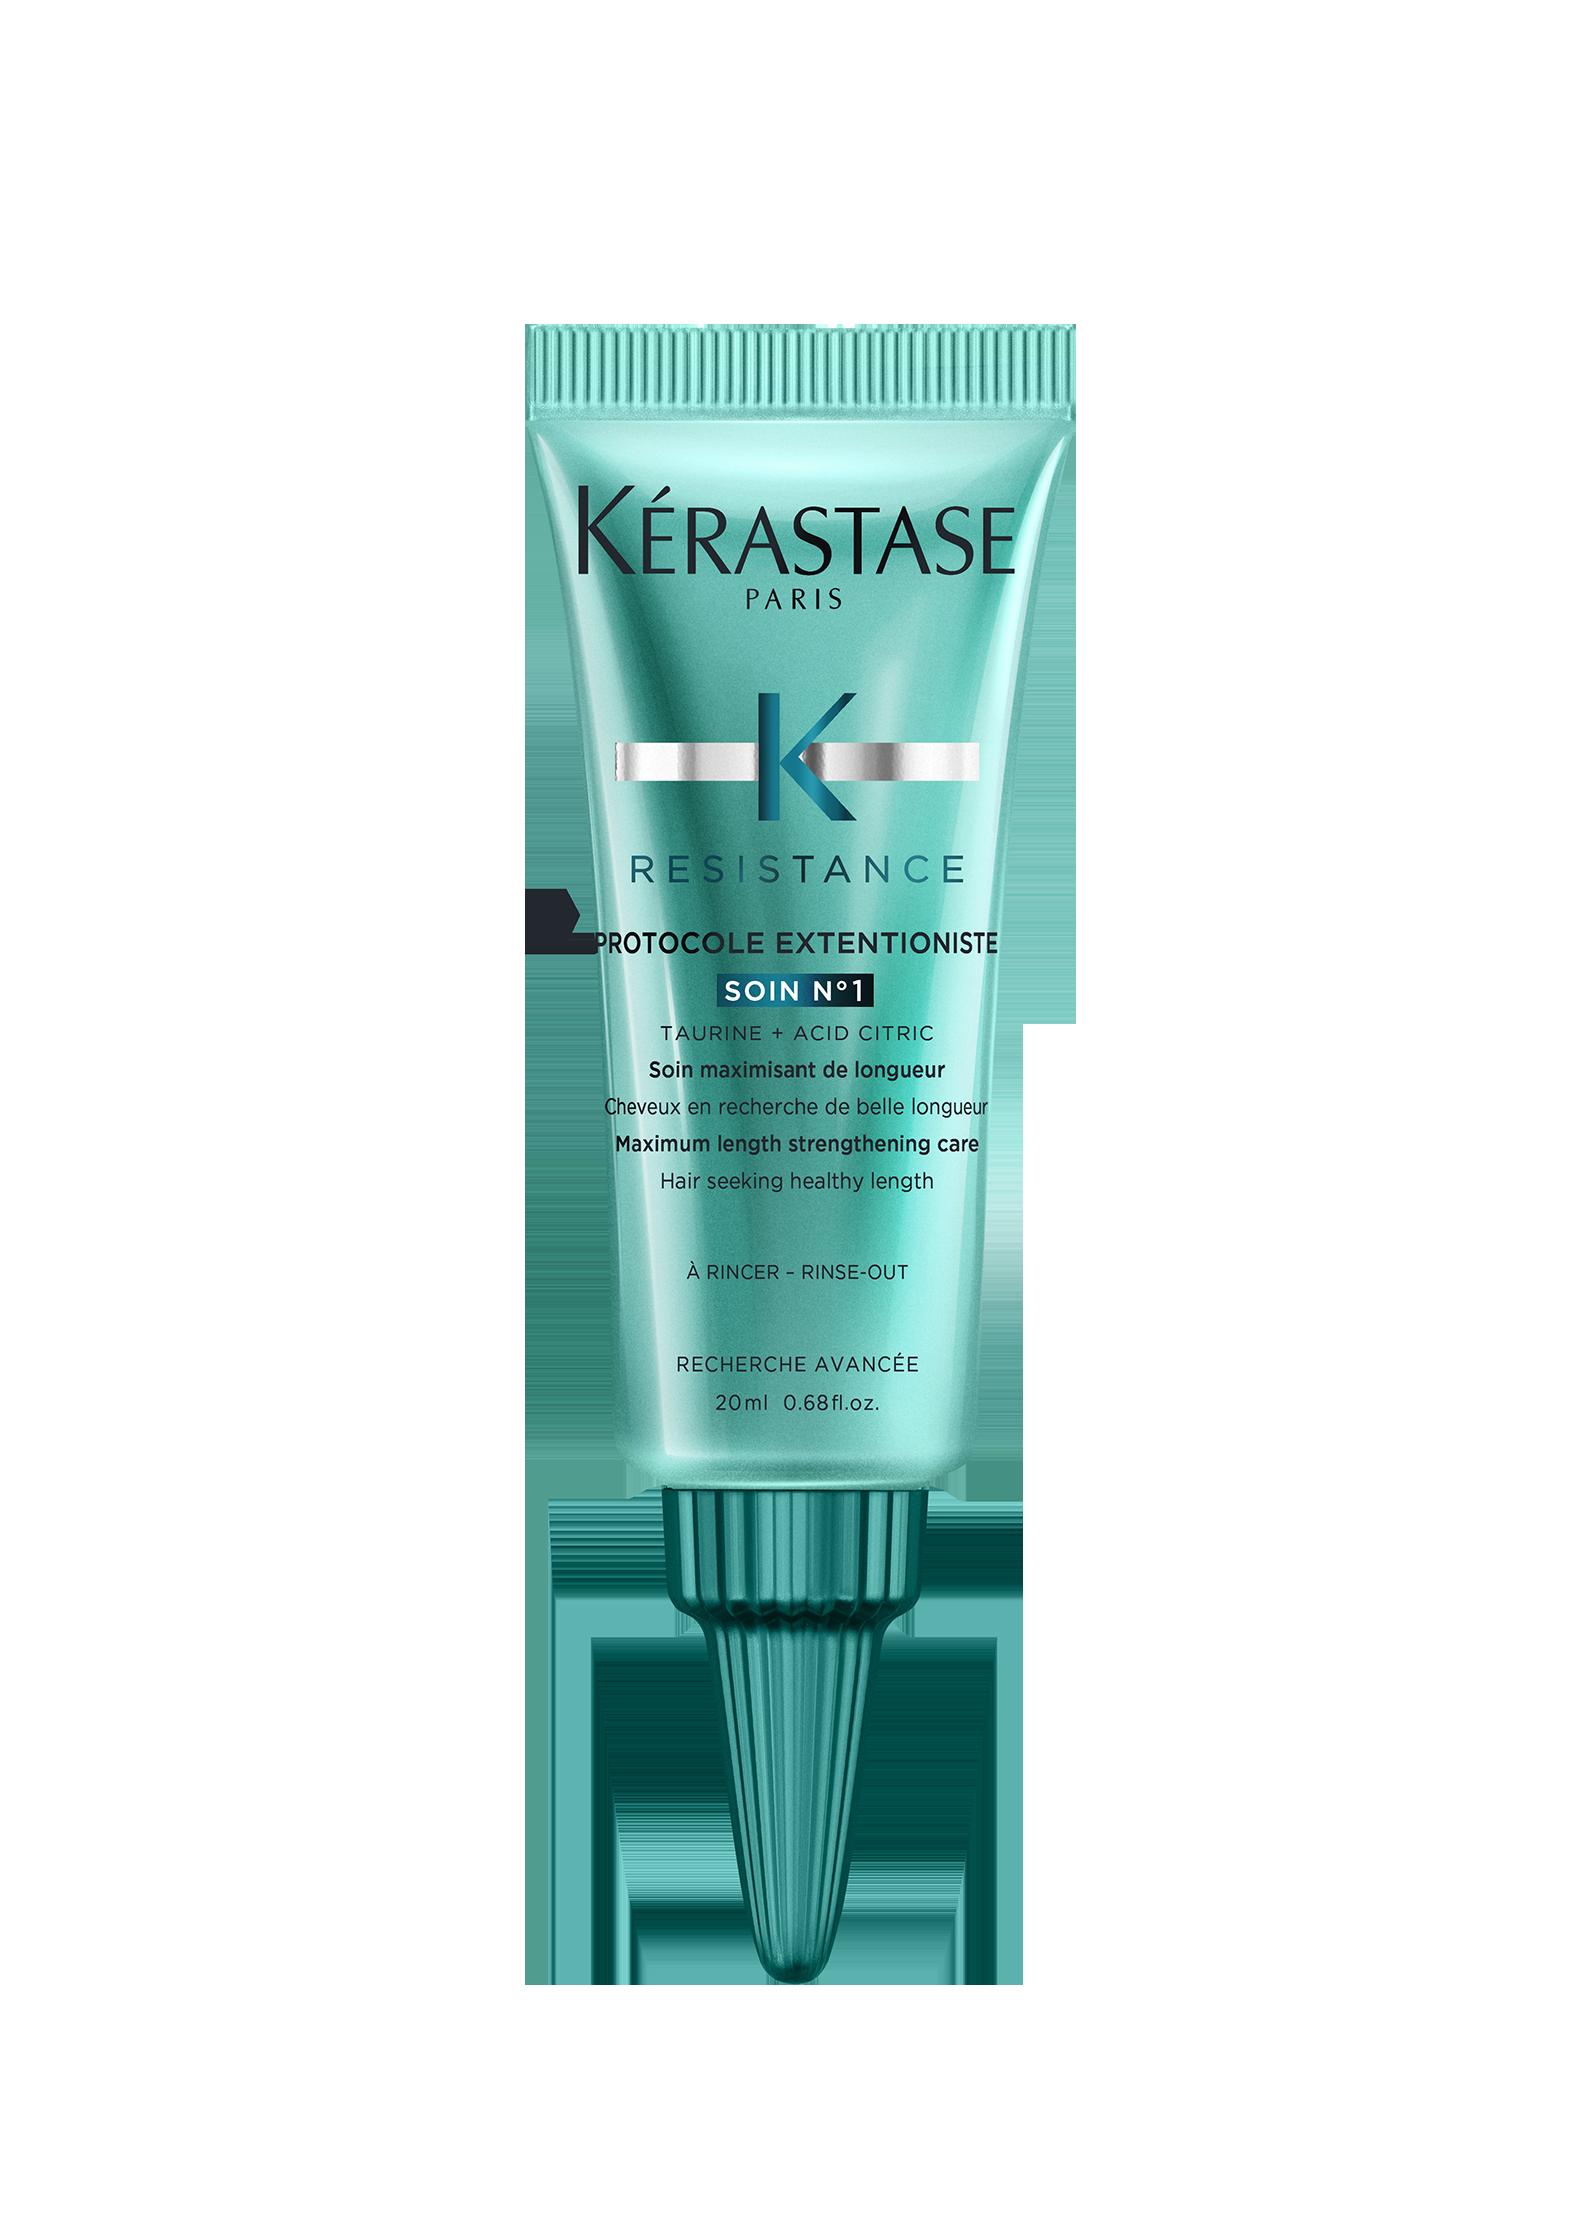 Купить KERASTASE Уход для восстановления поврежденных и ослабленных волос, Суан 1 / Resistance Extentioniste 18 х 10 мл